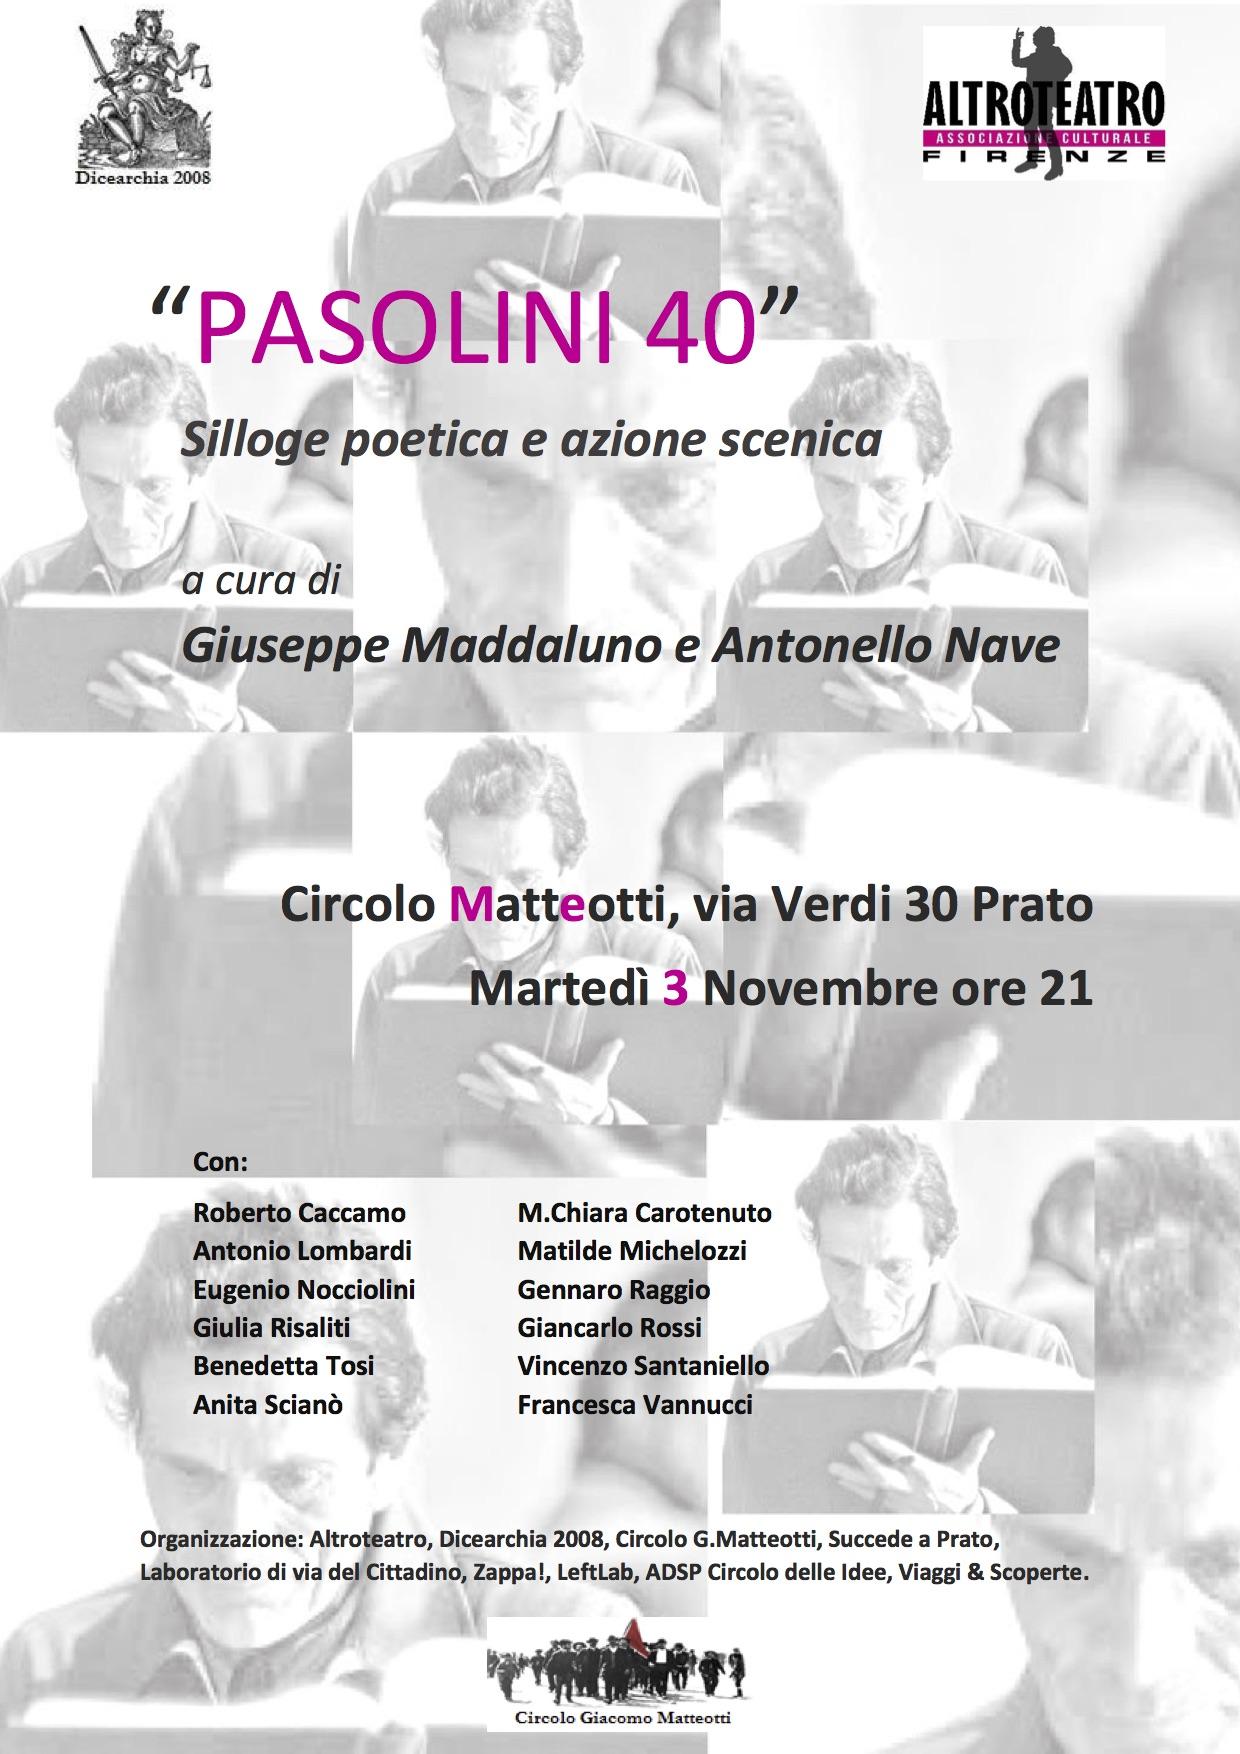 PASOLINI 40-v4 (1)